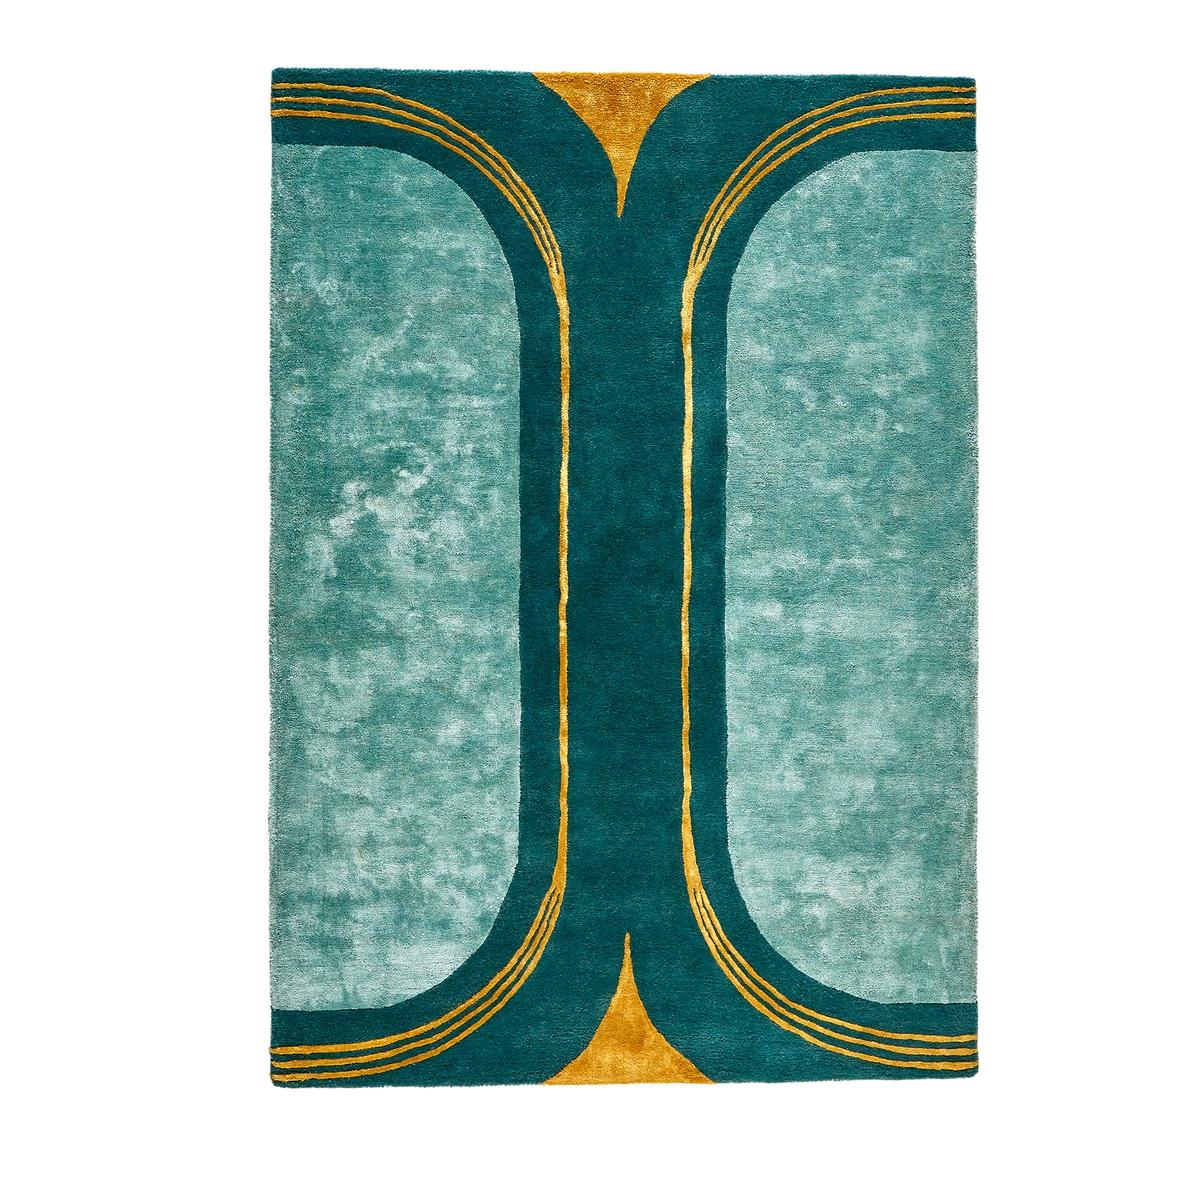 Ковер La Redoute Из шерсти и вискозы Seda 200 x 290 см зеленый